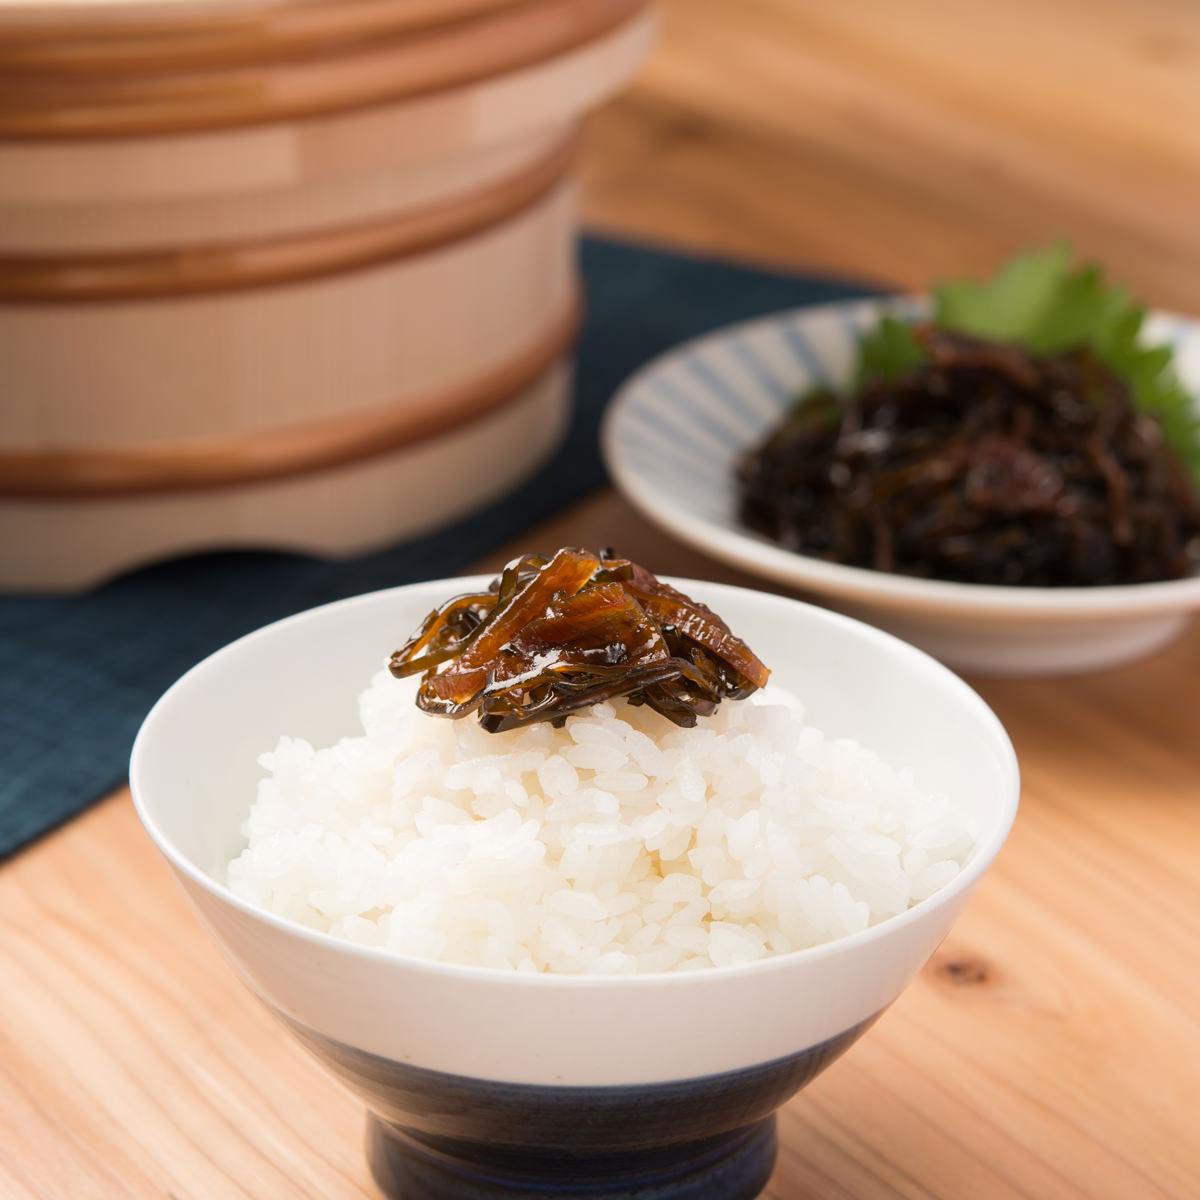 カネハツ食品 北海道産昆布 磯のうたげ つぼ漬昆布 5袋セット〔100g×5〕